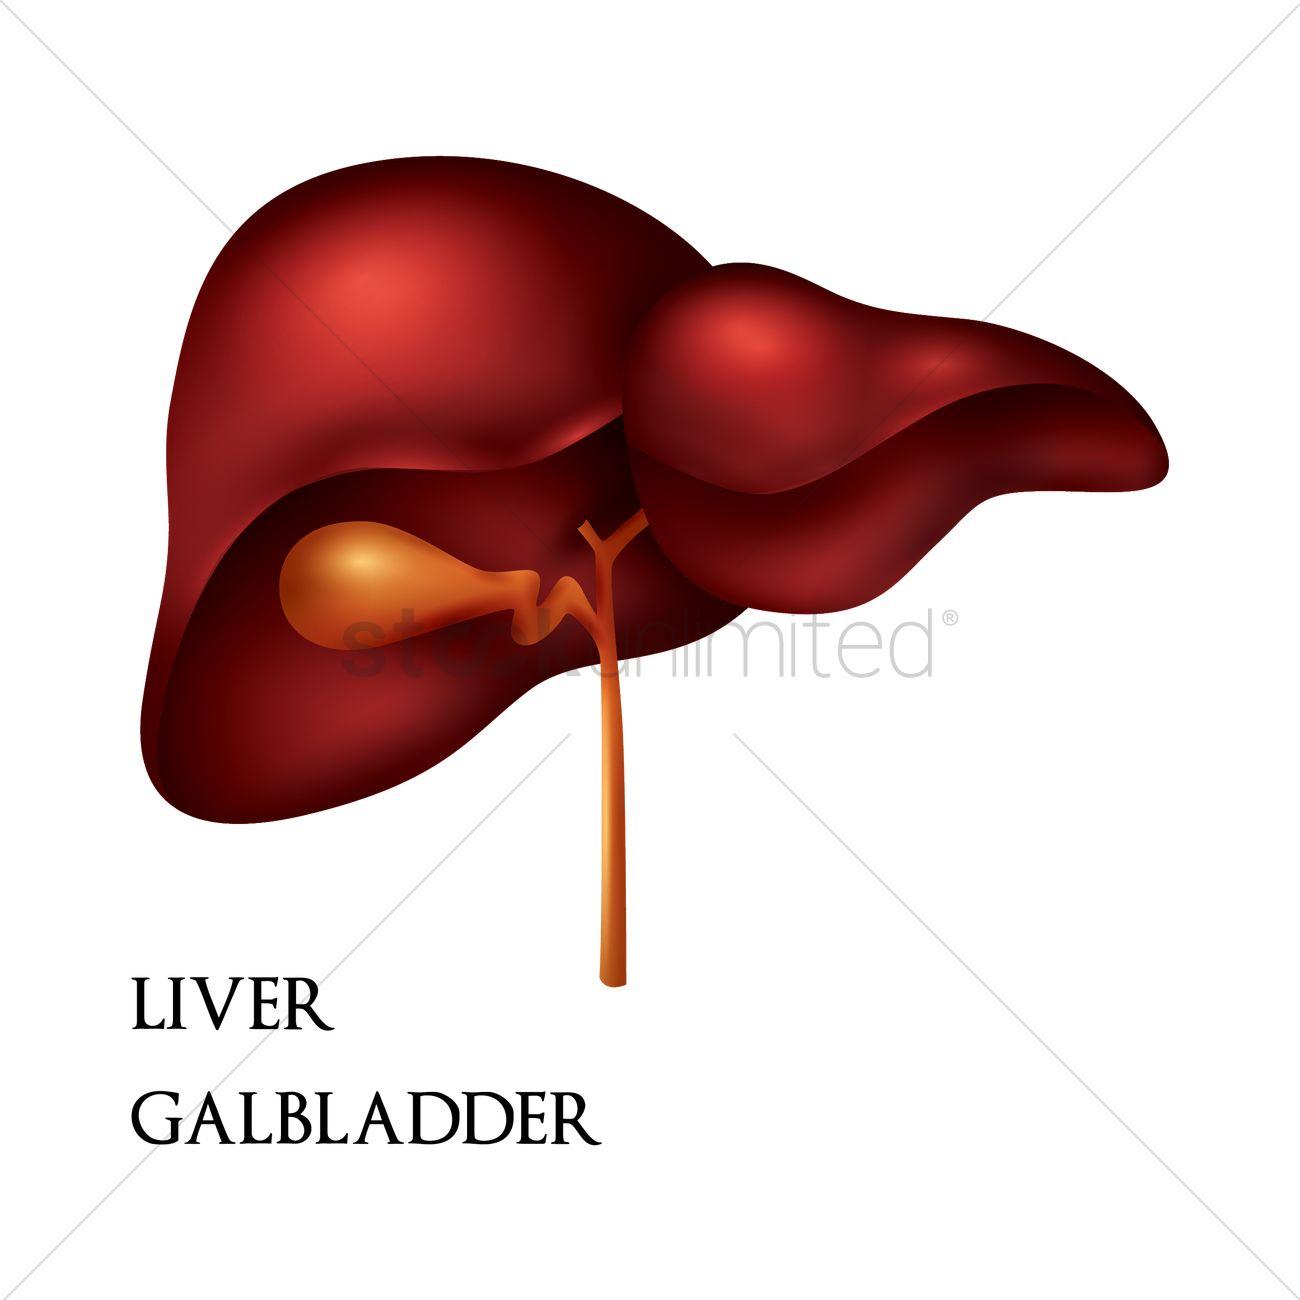 Liver Gallbladder Vector Image 1807891 Stockunlimited